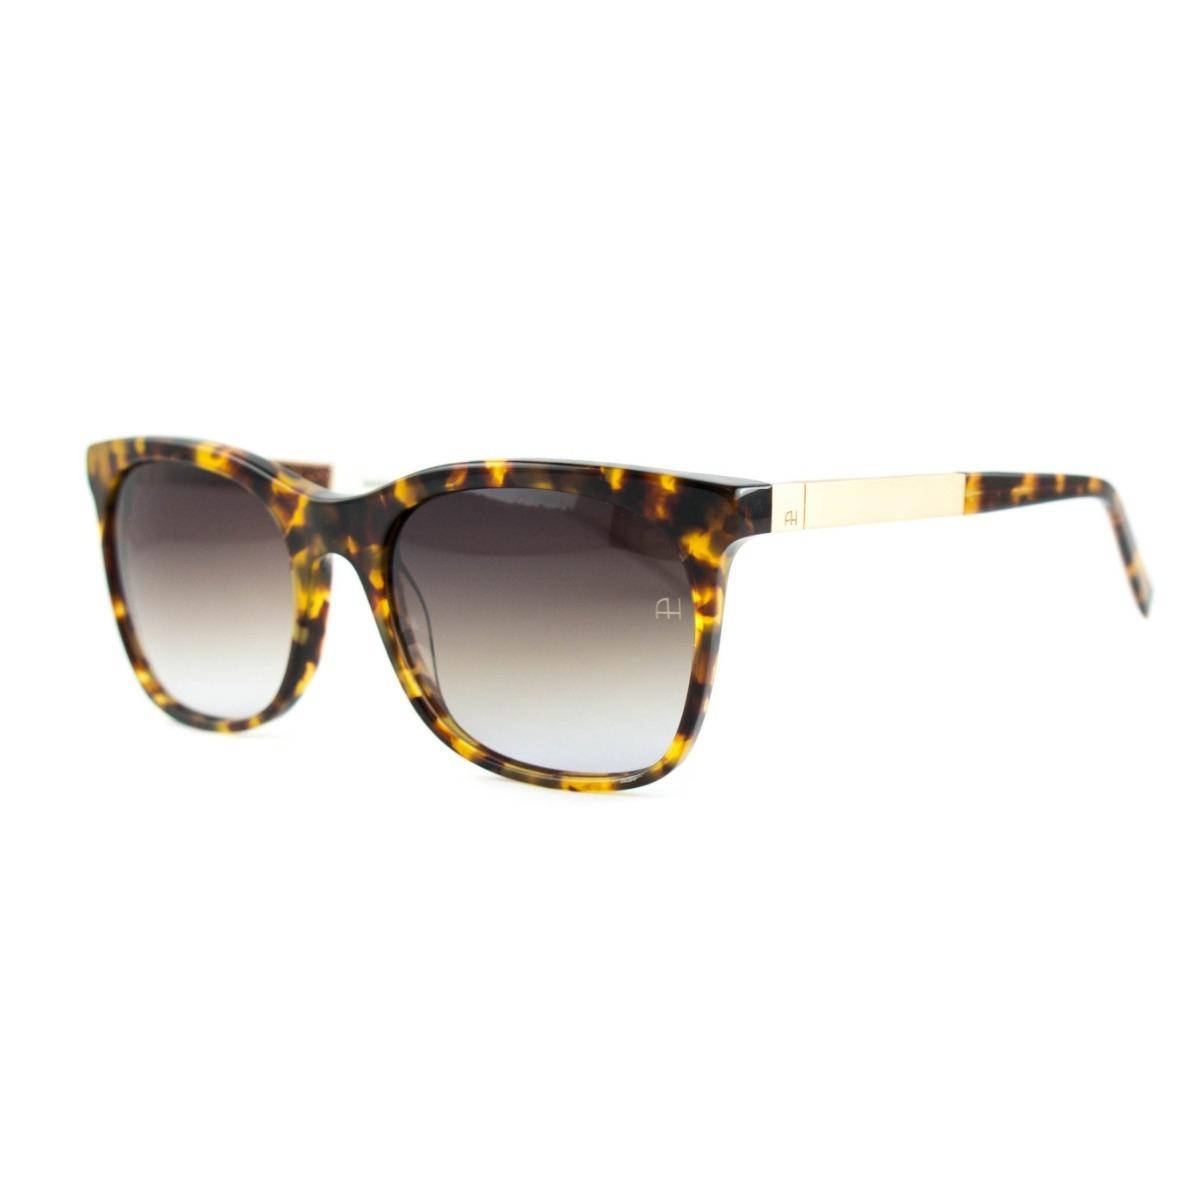 2a0f22a5da68a óculos de sol ana hickmann - ah9198 g21 - tartaruga. Carregando zoom.